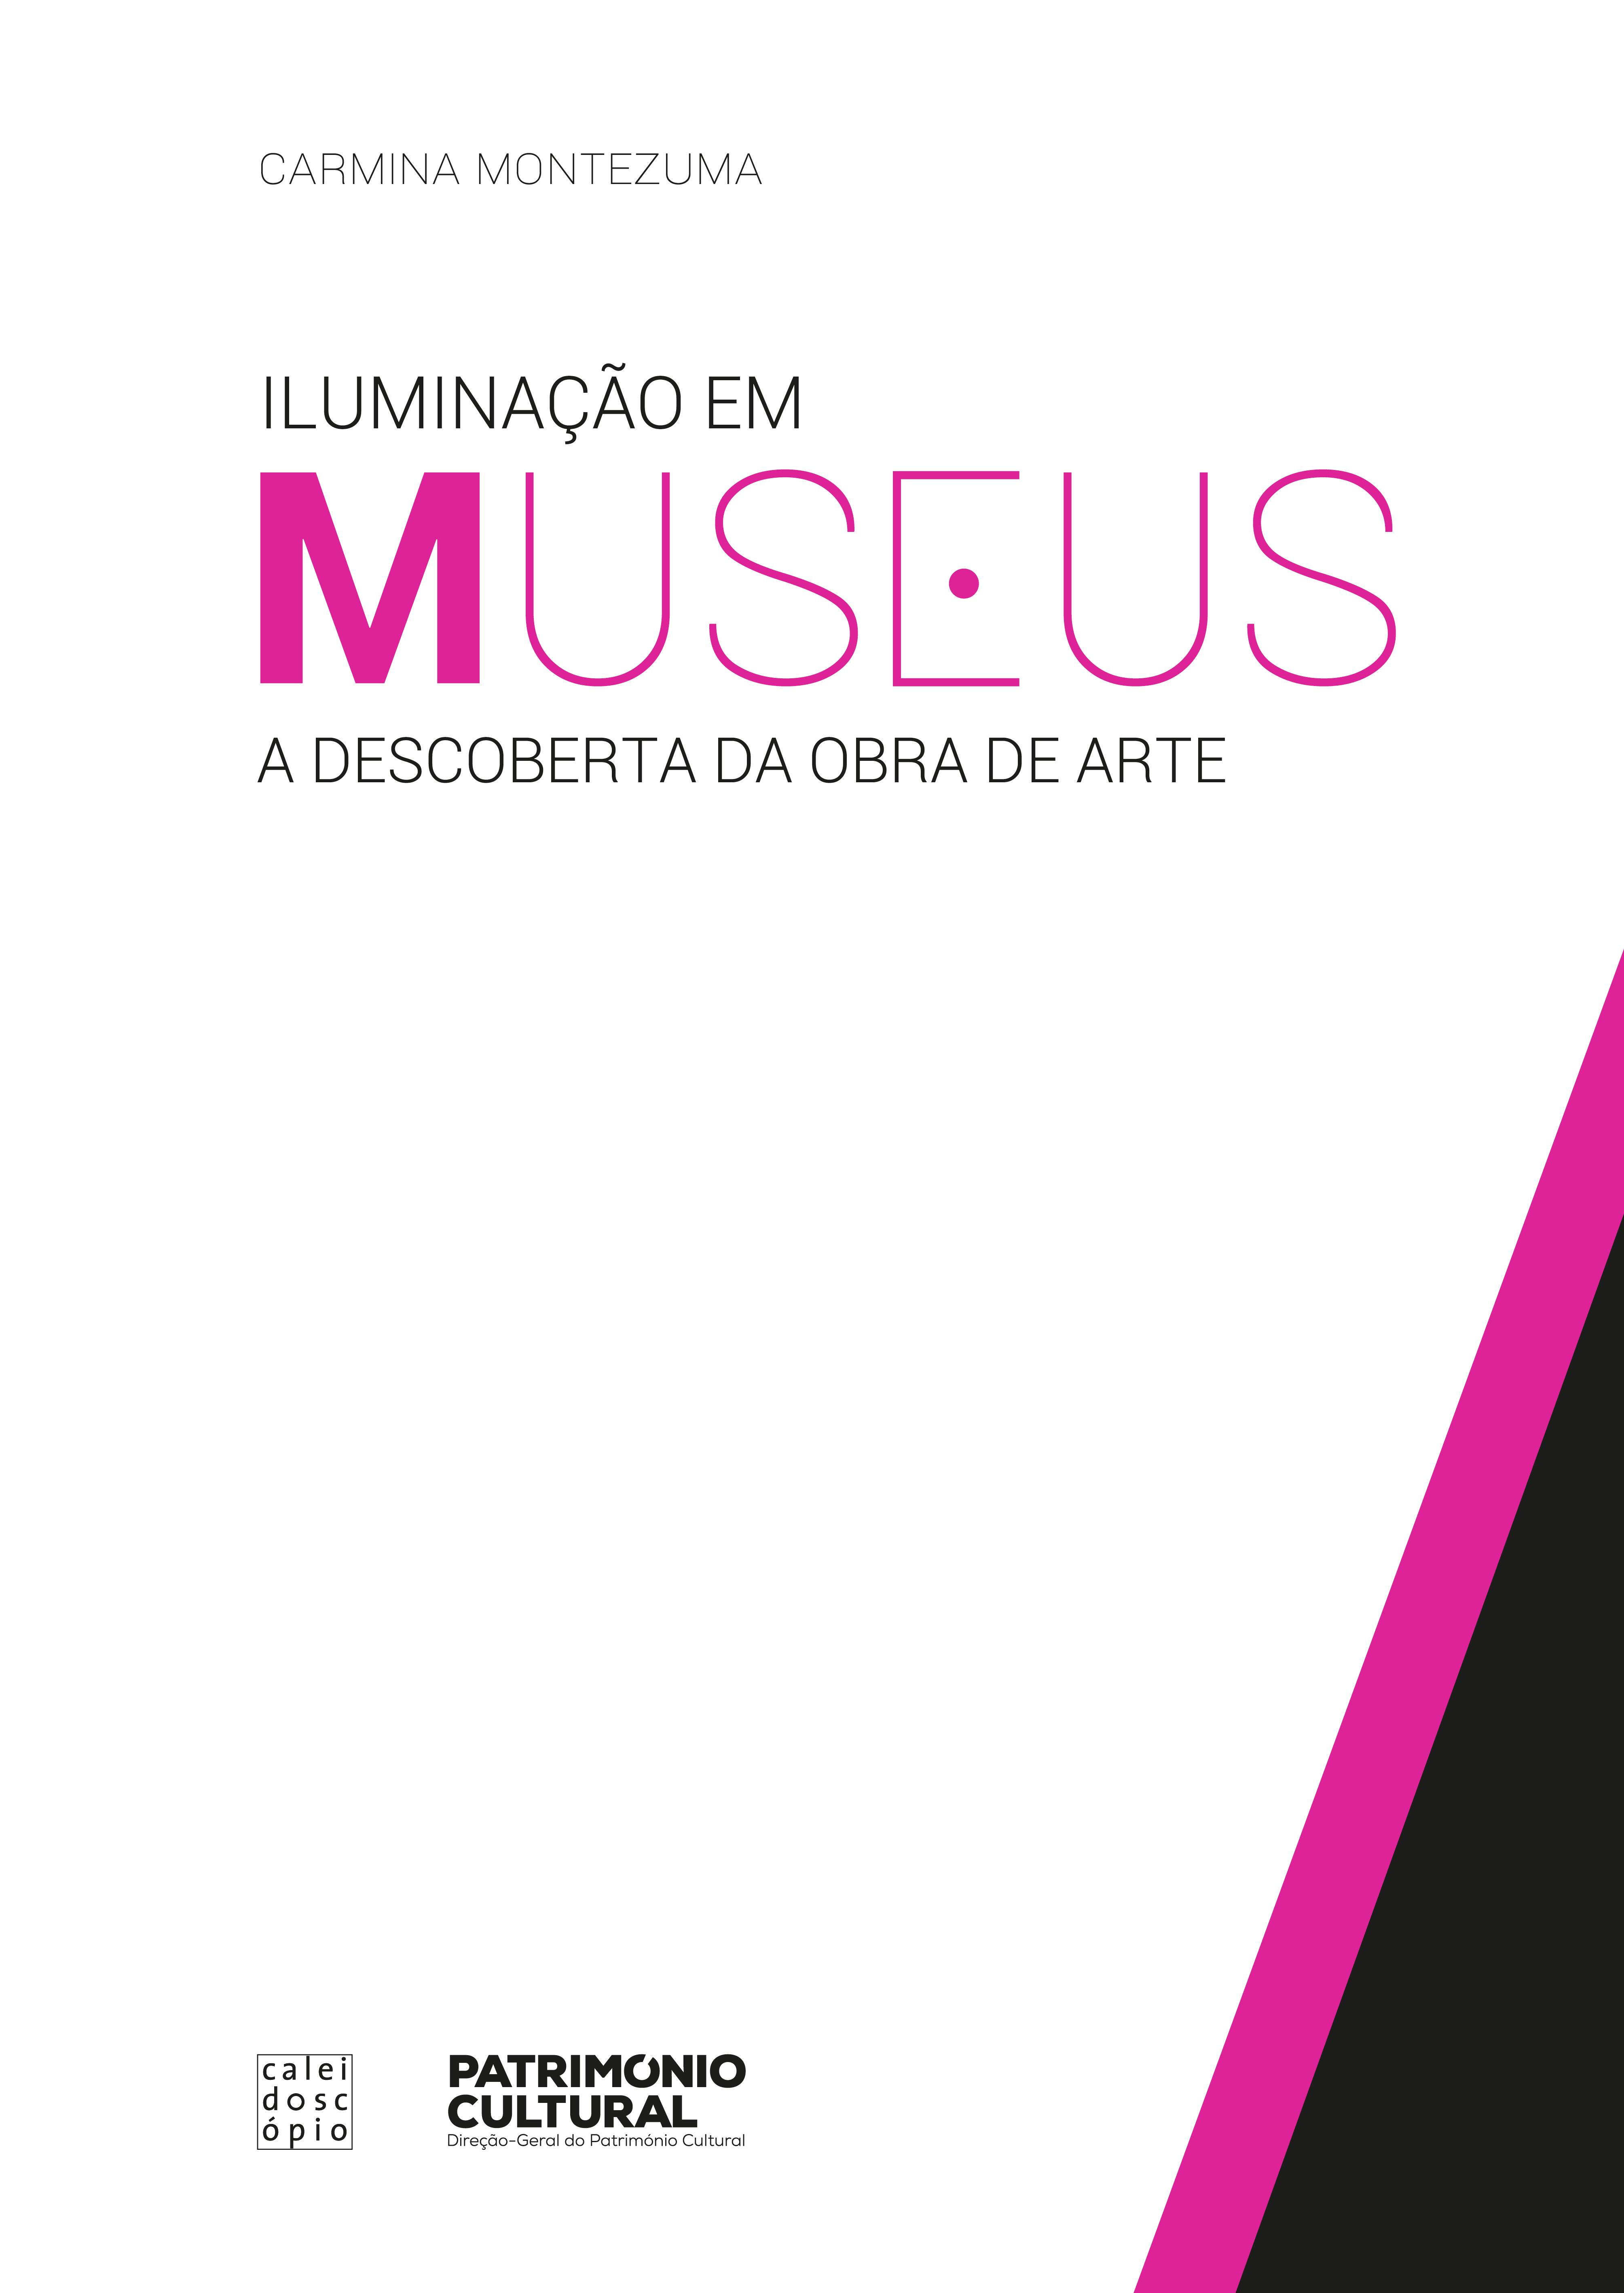 9c7920fff36 Iluminação em Museus  A Descoberta da Obra de Arte é o 13.º volume  publicado no âmbito da colecção Estudos de Museus